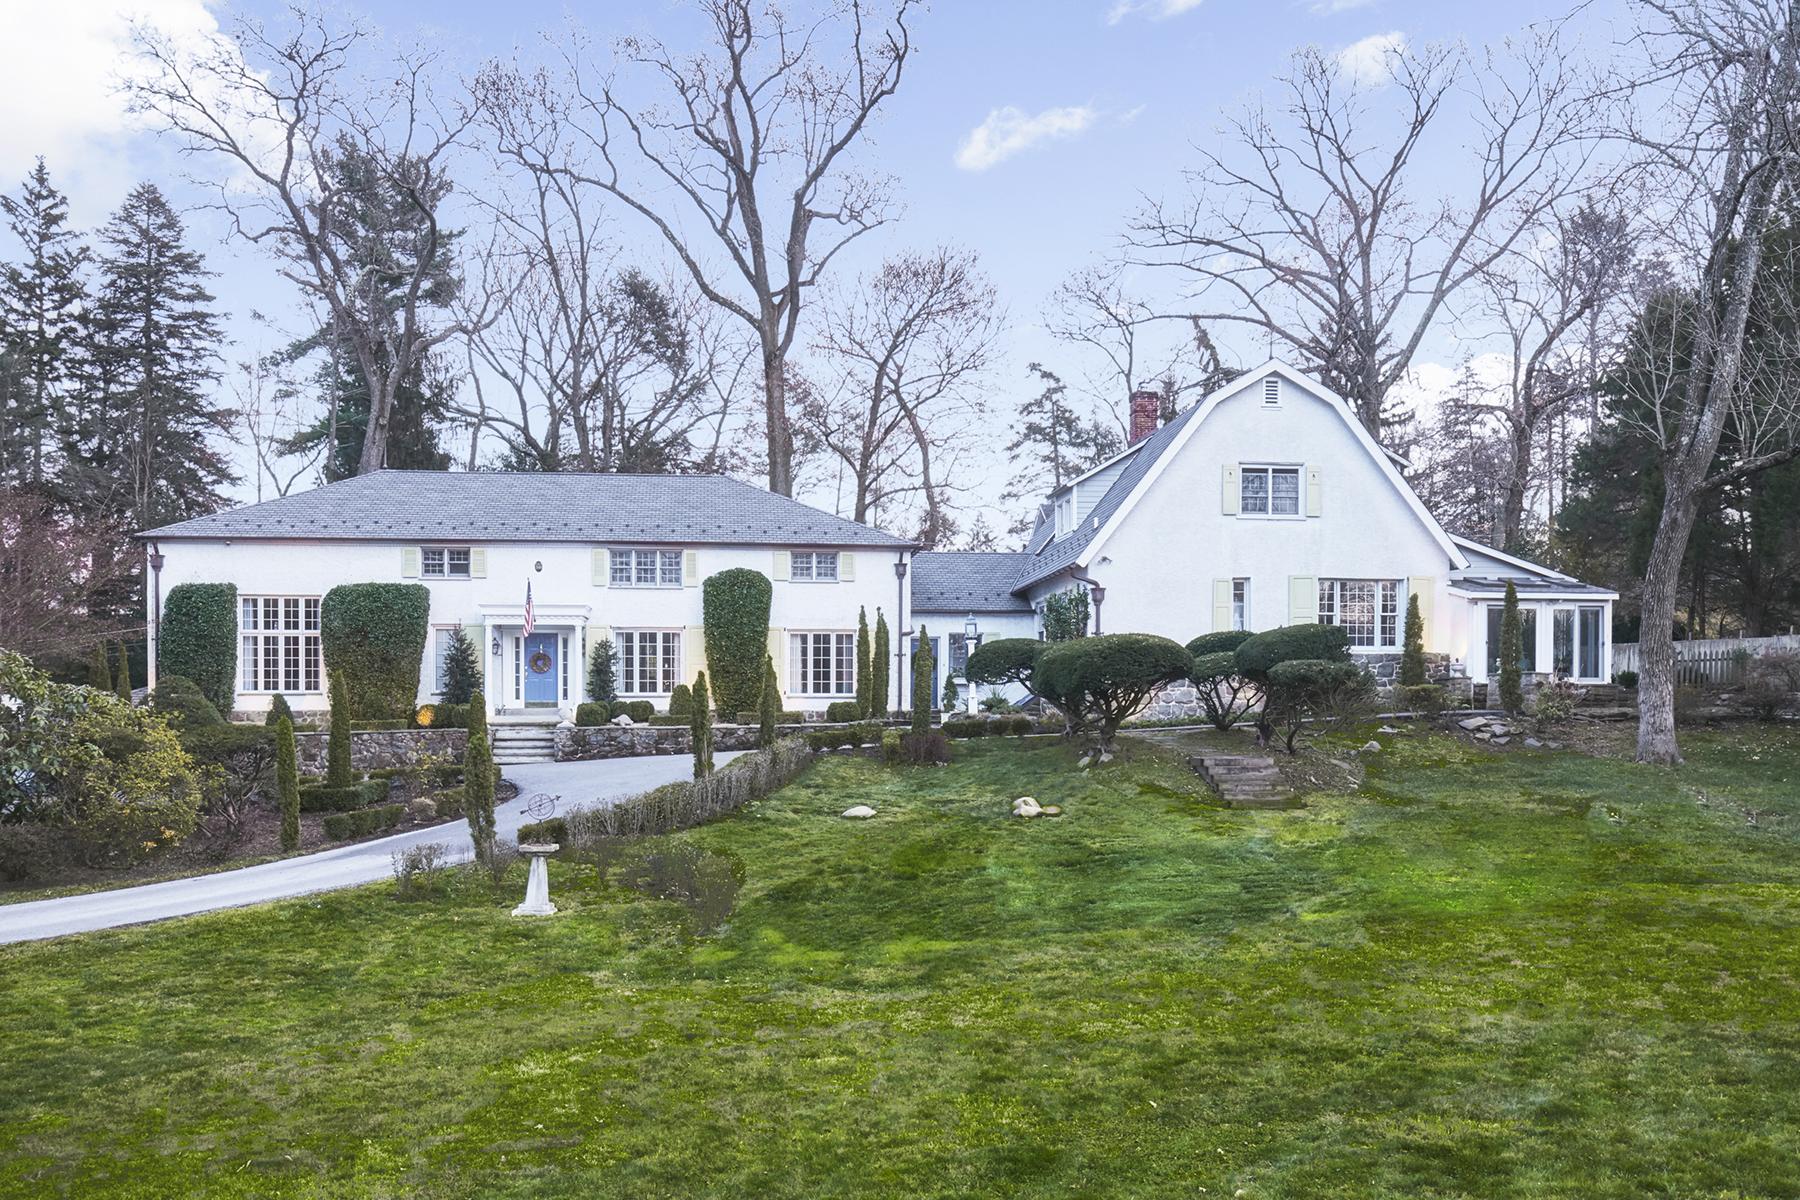 独户住宅 为 销售 在 Devon Colonial 140 S. Devon Ave Devon, 宾夕法尼亚州 19333 美国